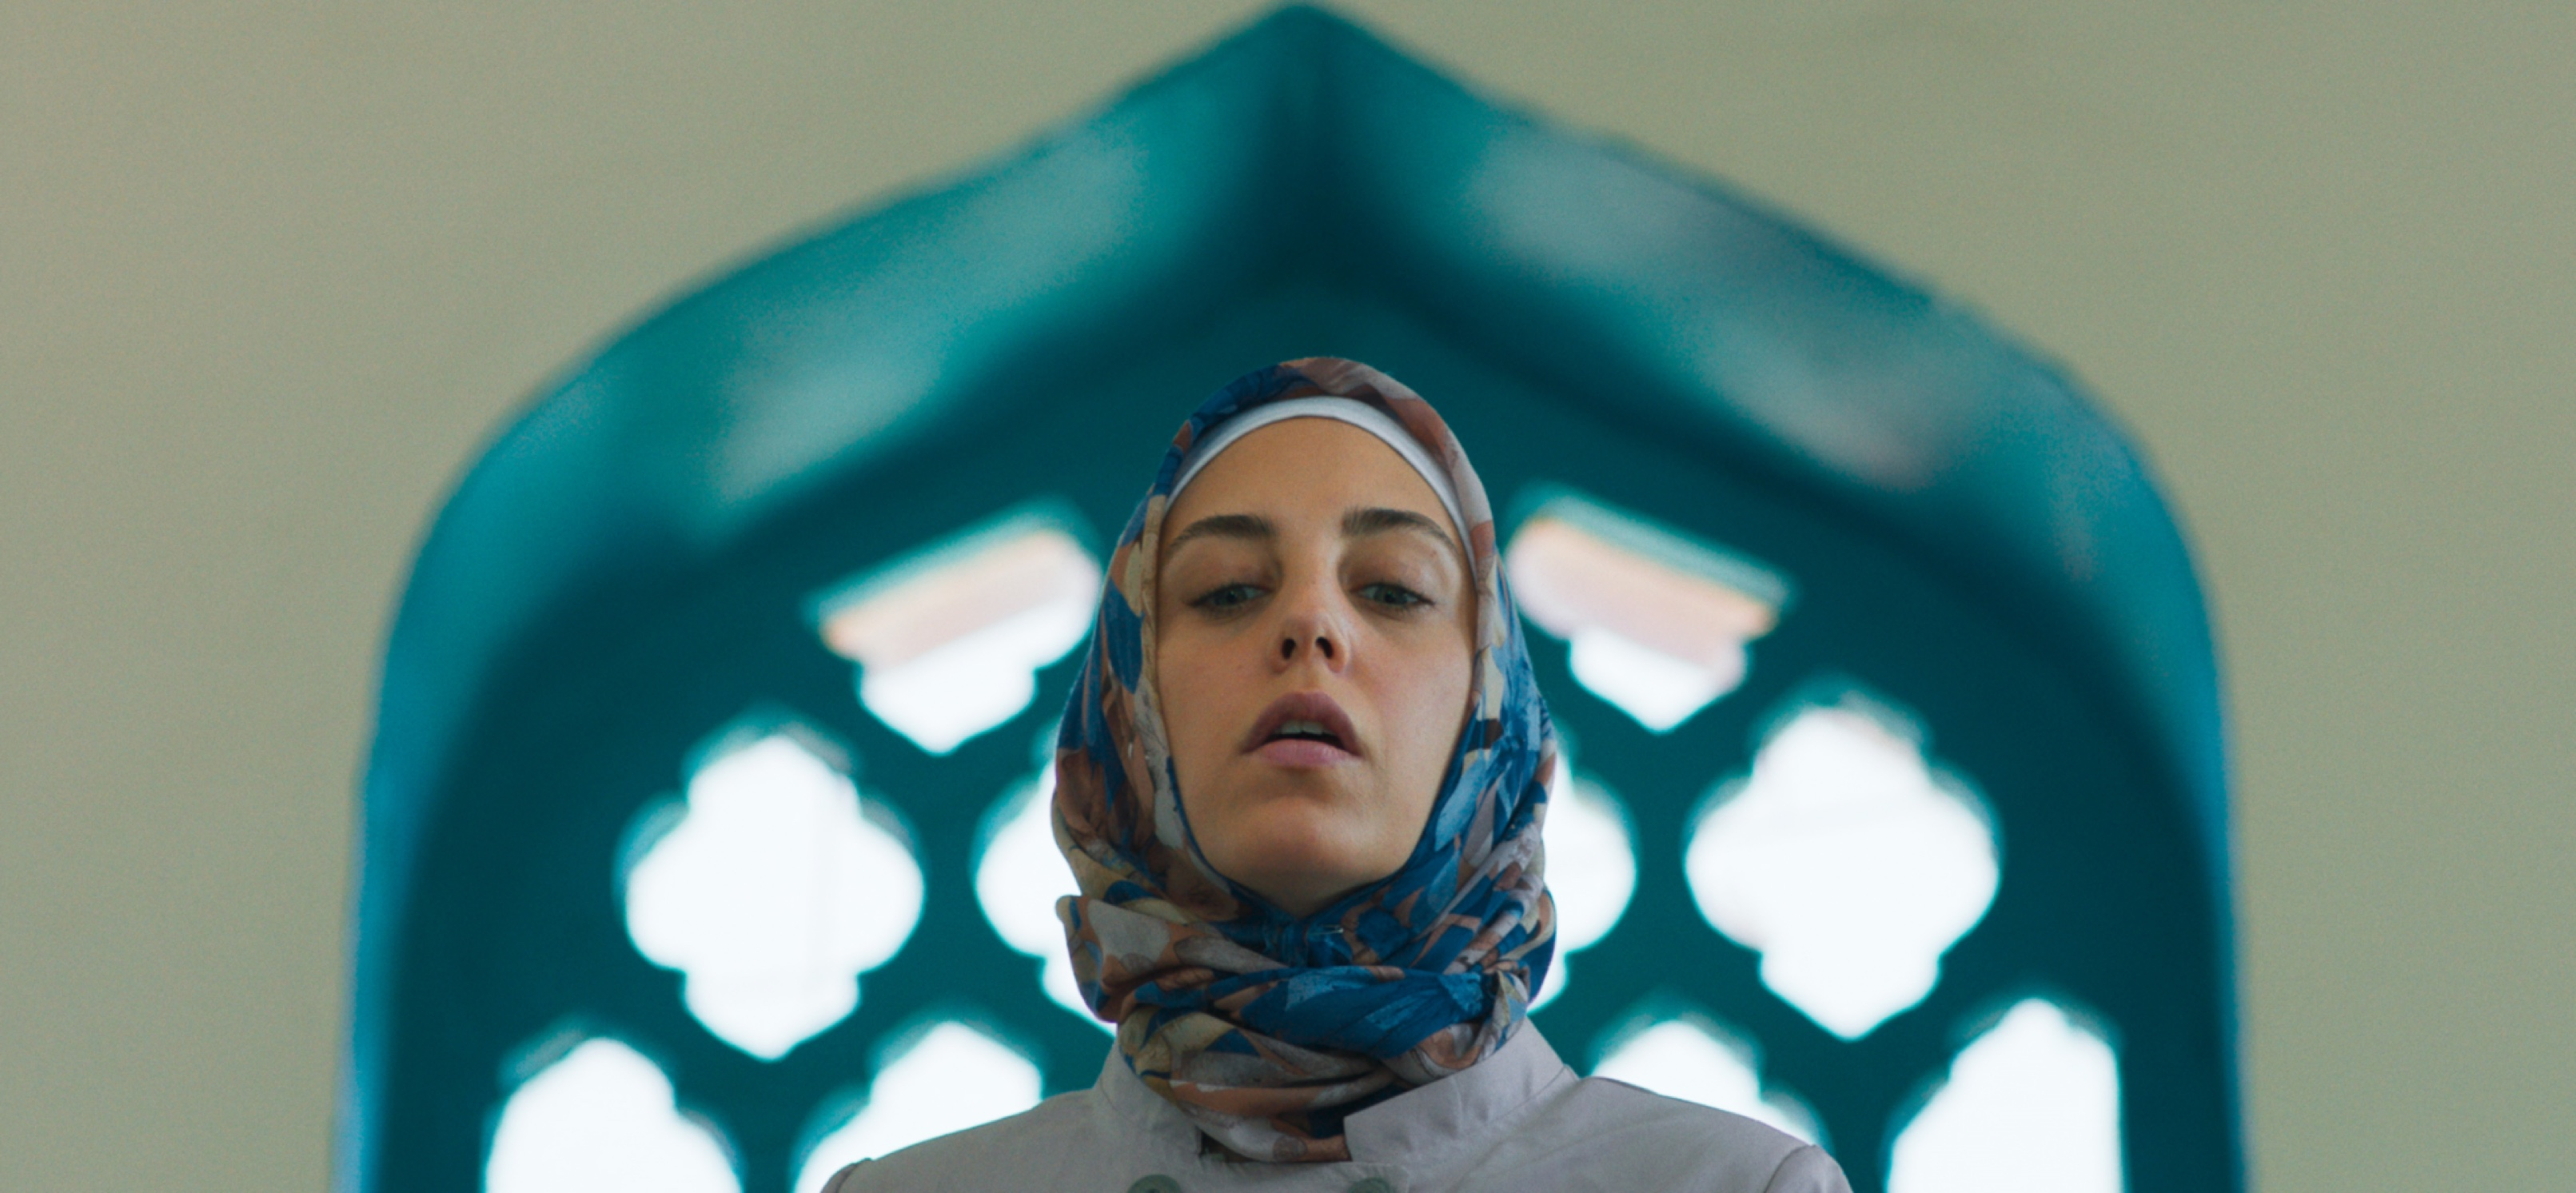 Bir Başkadır'ın bu karesinde Meryem (Öykü Karayel), mavi çerçeveli kemerli bir pencerenin önünden aşağı doğru bakıyor. Turkuaz tonlarındaki mimari yapıyla bütünleşen bir başörtüsü takıyor.